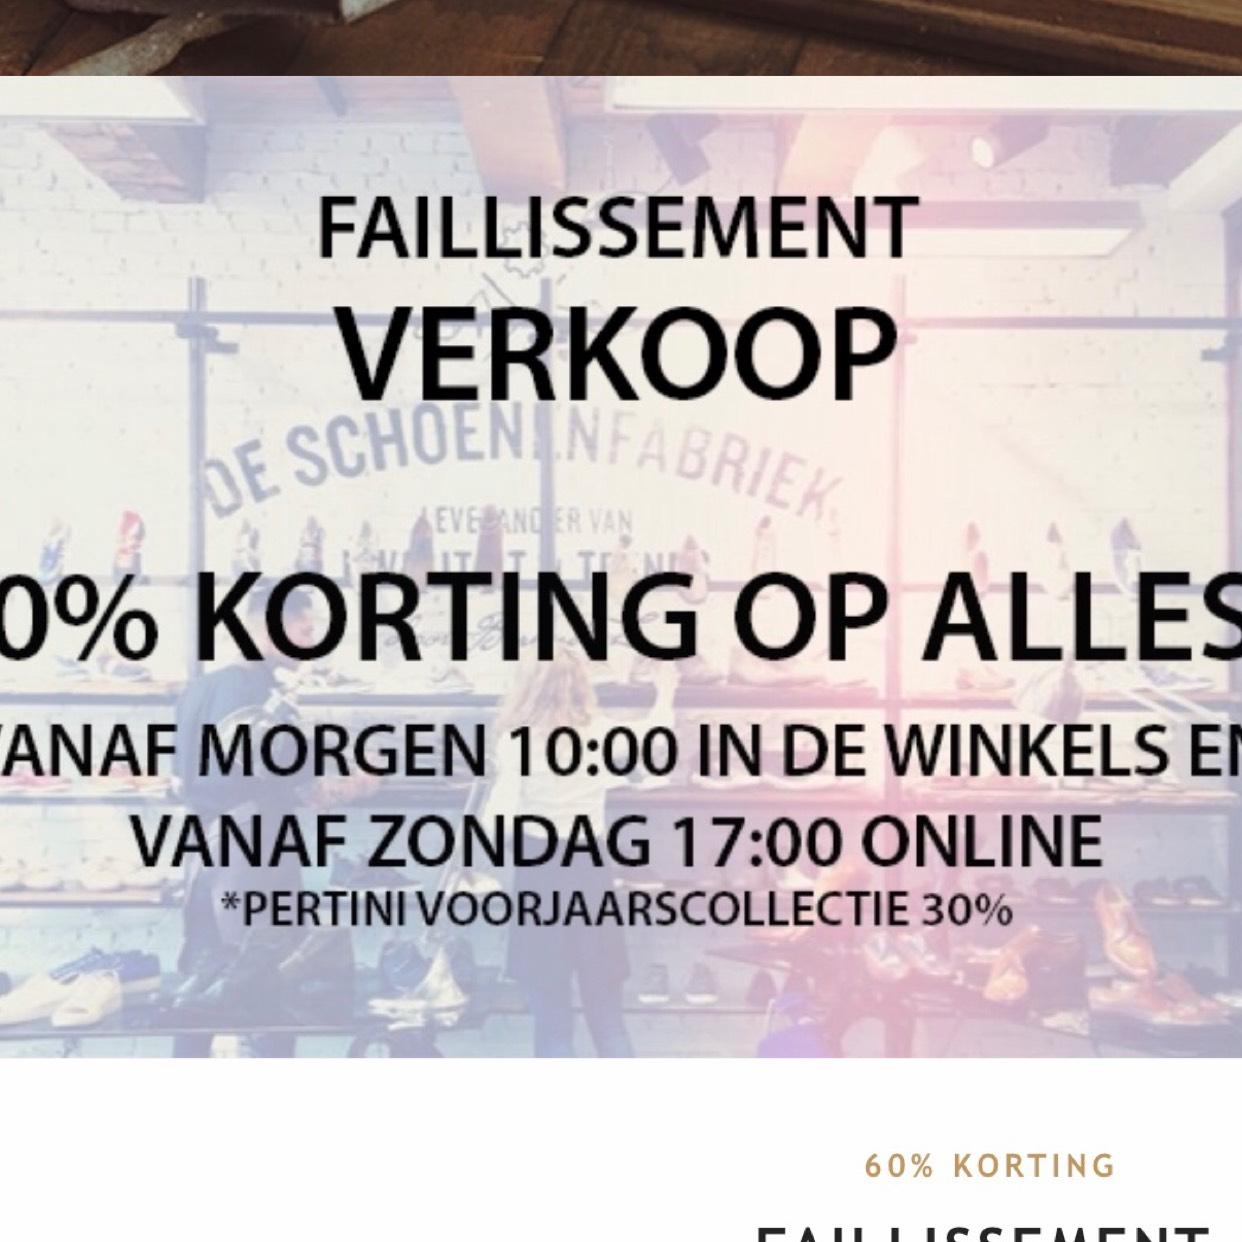 Schoenenfabriek failliet! 60% op alles!